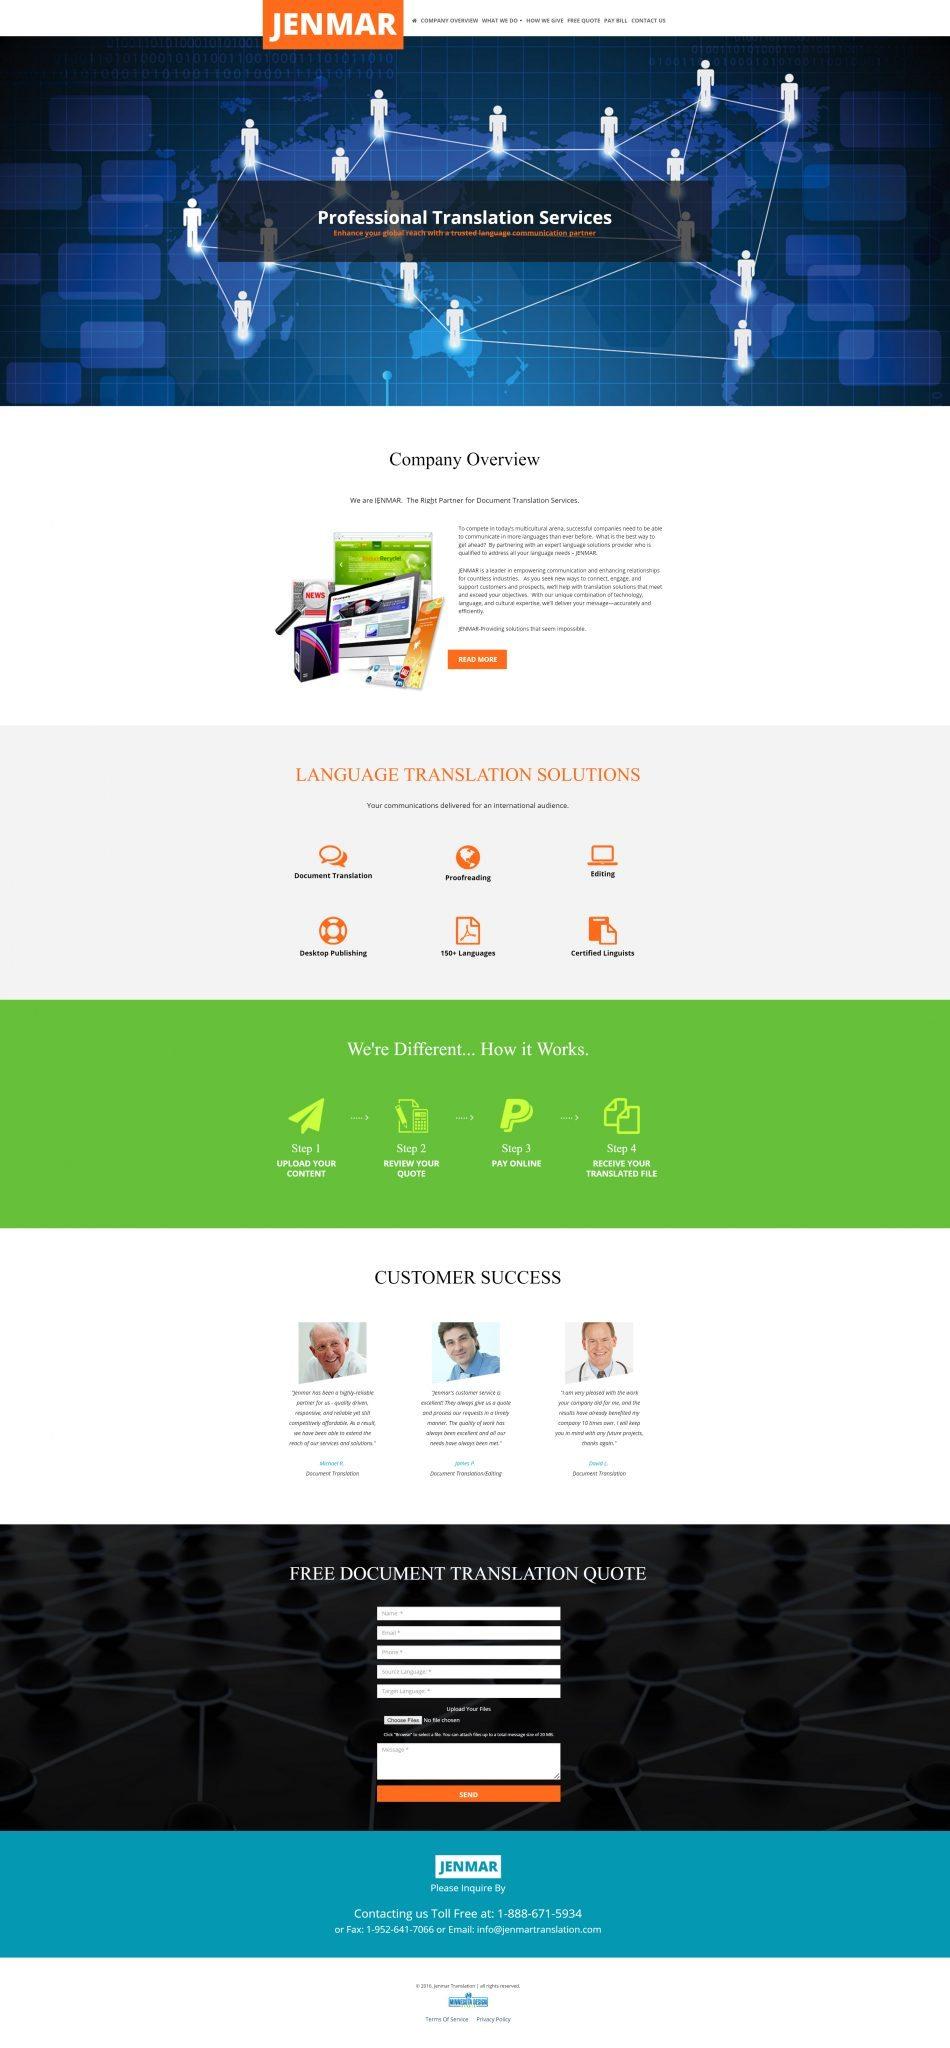 Jenmar Translation Services